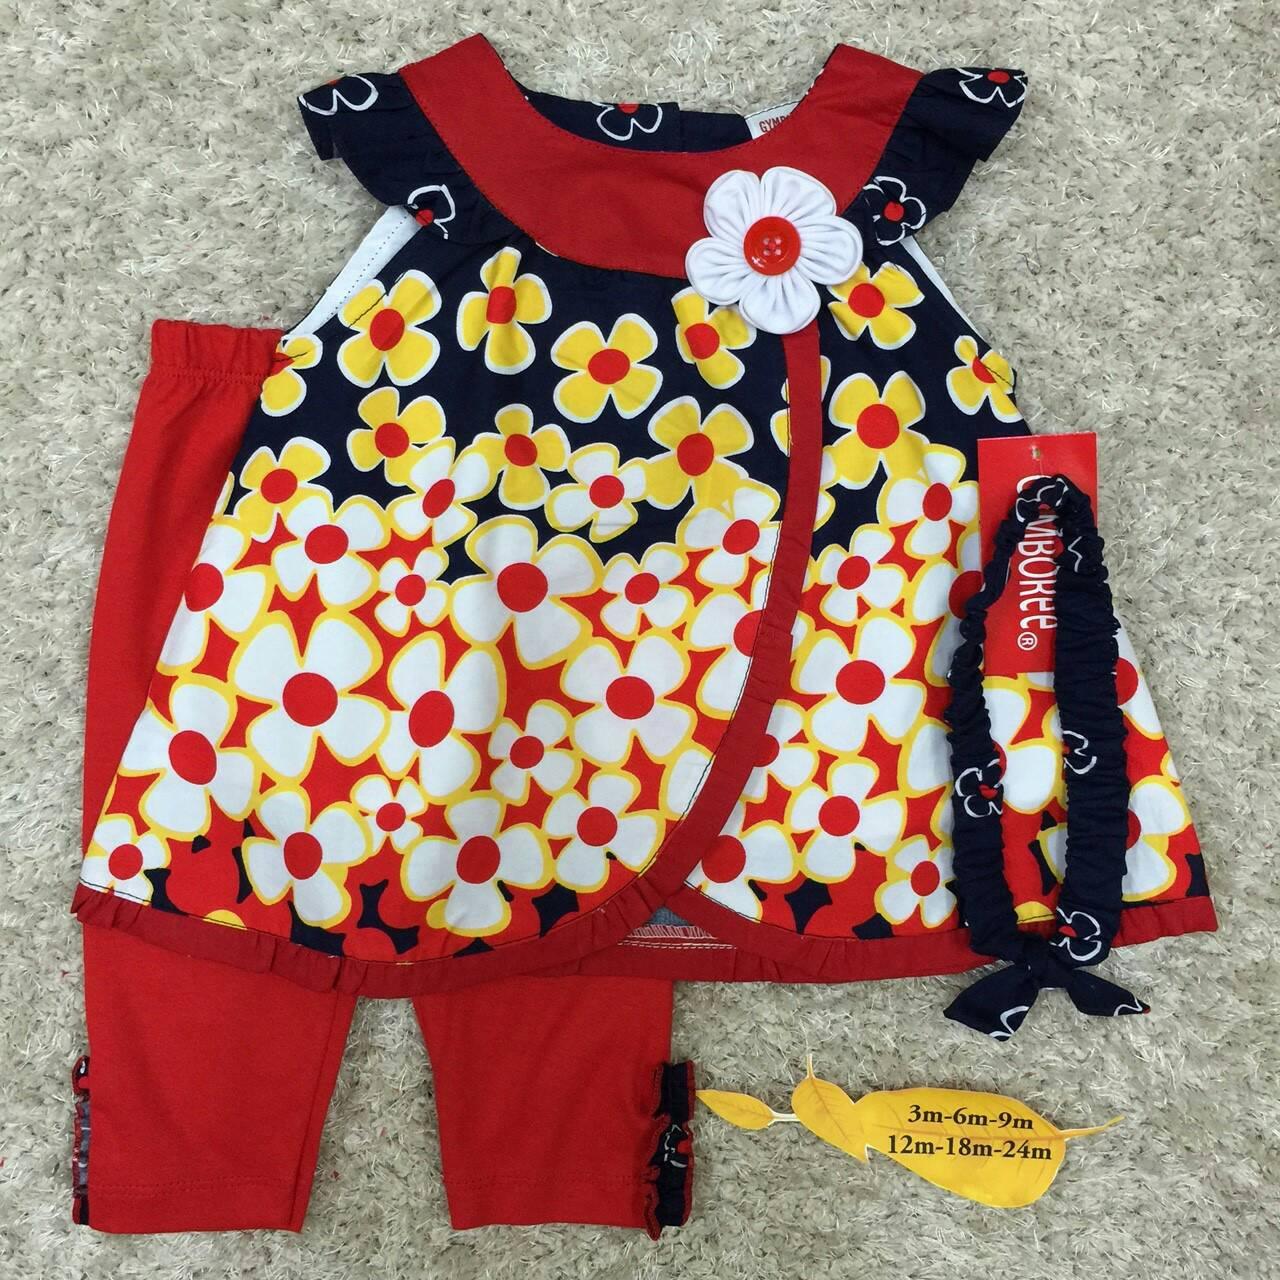 เสื้อผ้าเด็ก (พร้อมส่ง!!) 27/09/60-15